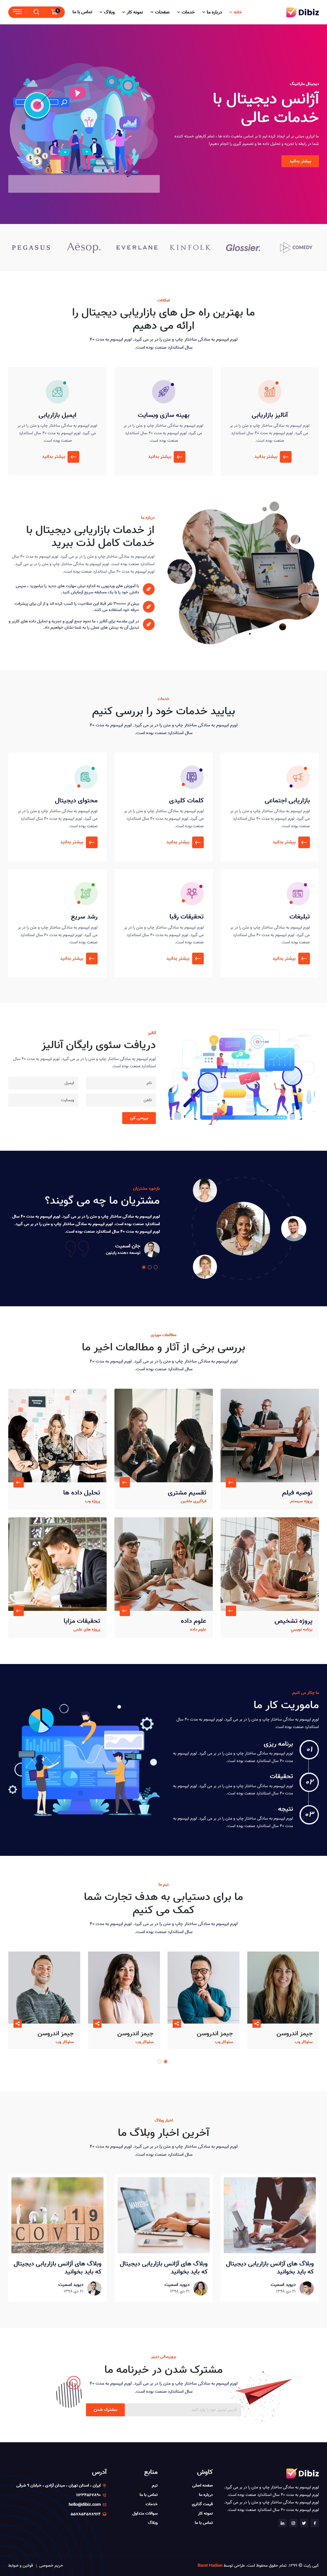 قالب Dibiz، قالب HTML شرکتی خدمات دیجیتال مارکتینگ دیبیز